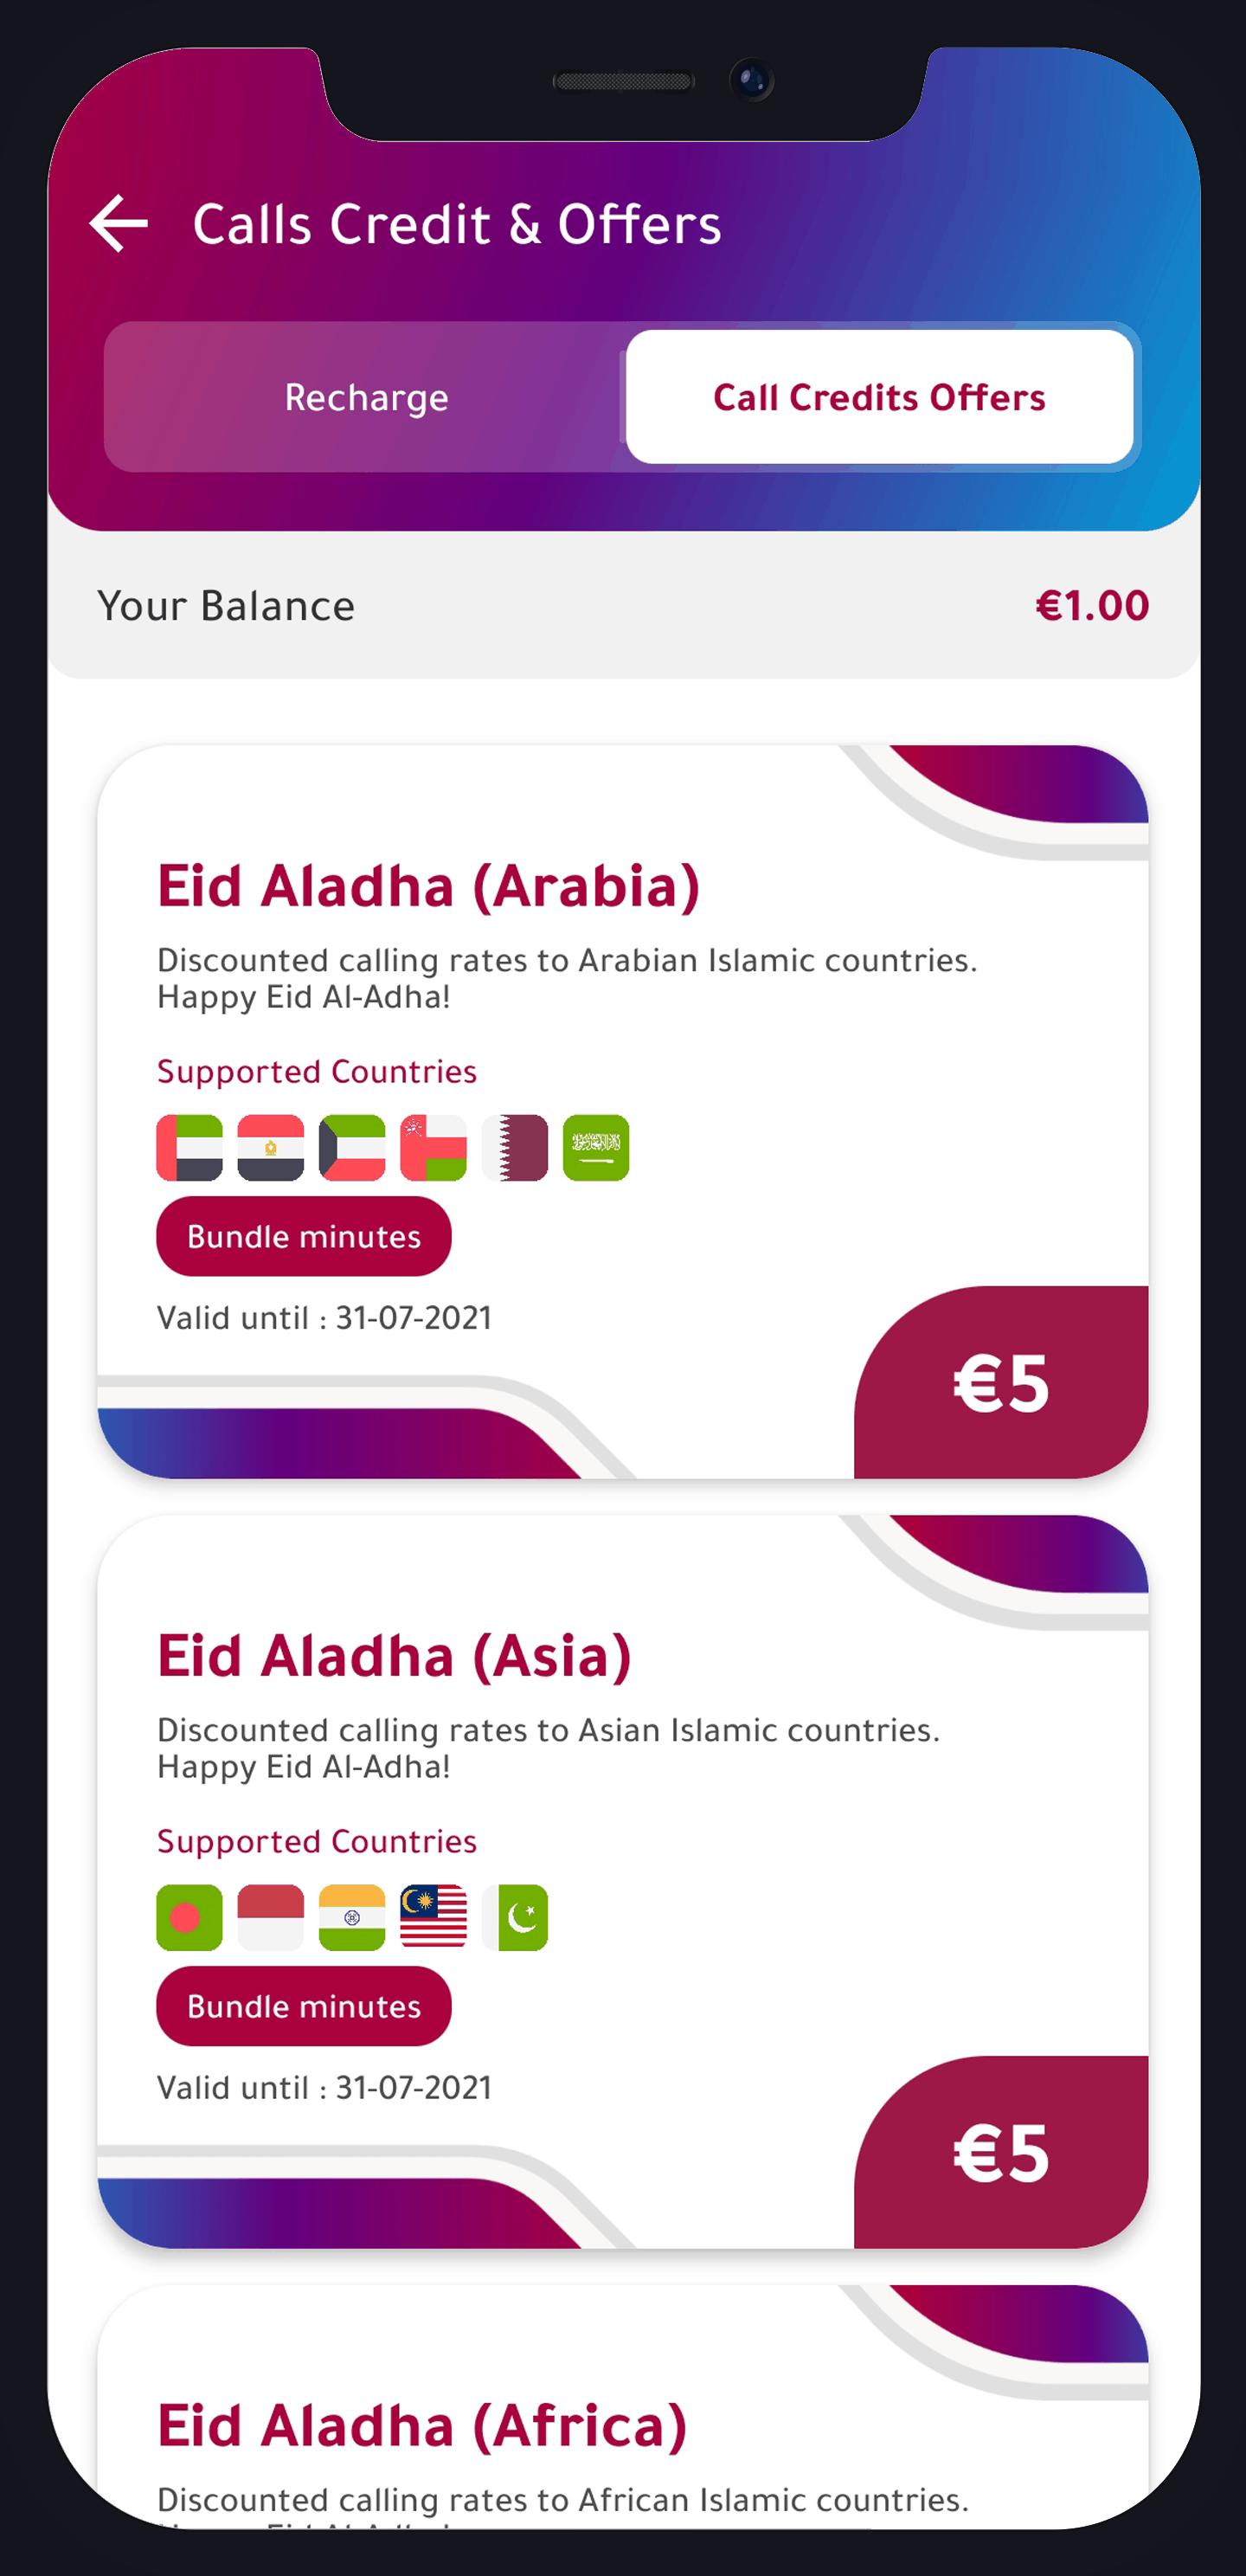 Eid Al-Adha Call Offers